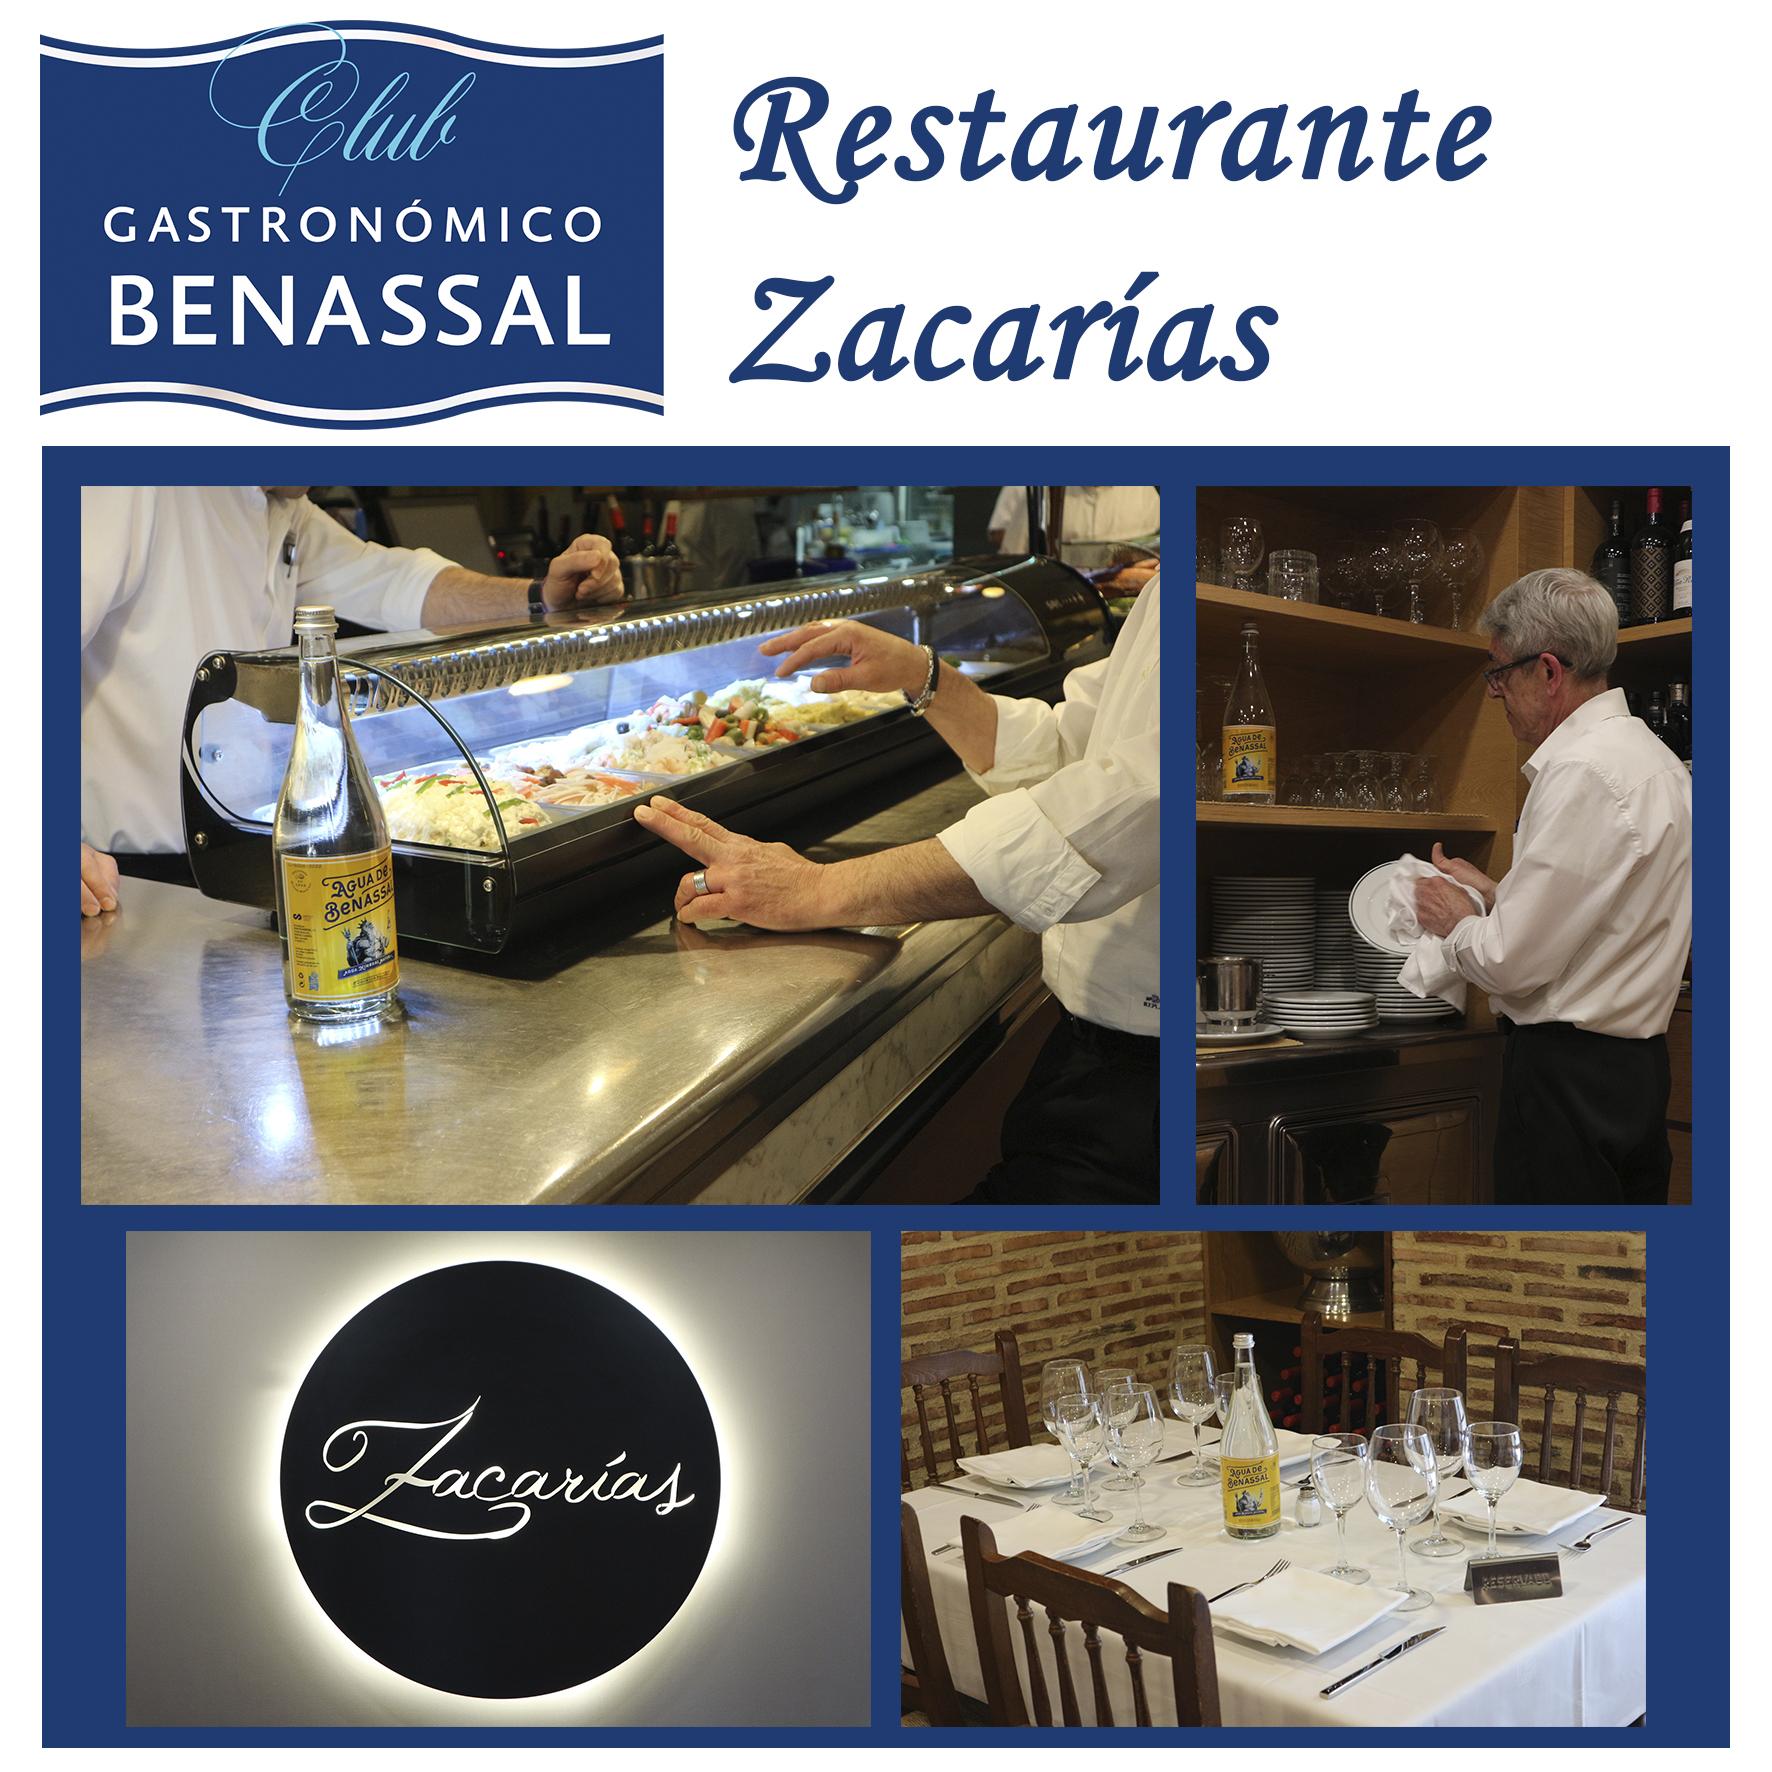 Club Gastronómico Benassal: Restaurante Zacarías (Valencia)